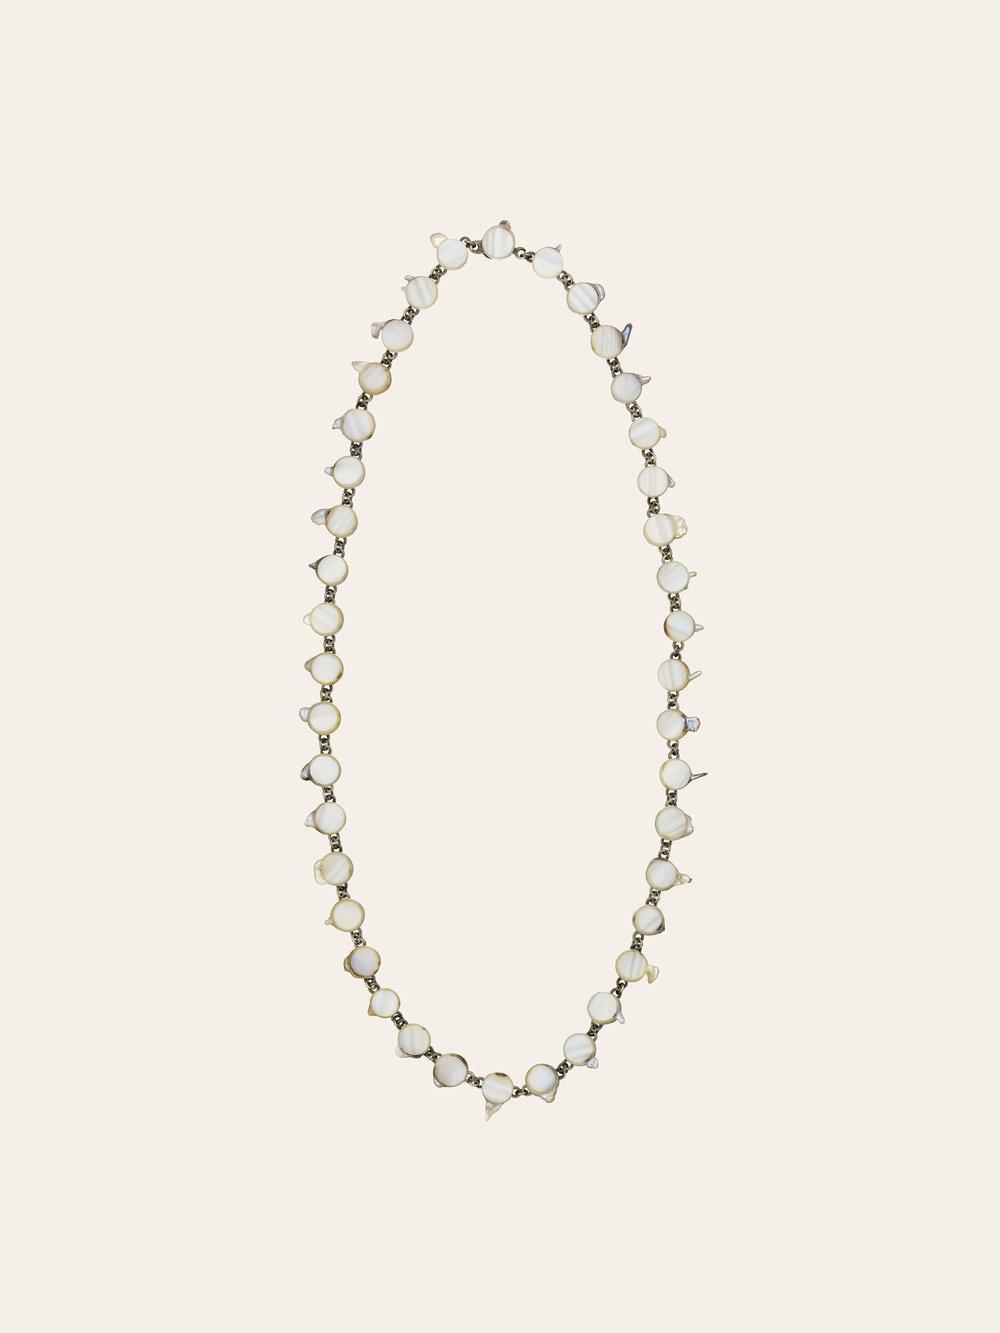 823 Pearls_62775-1.jpg